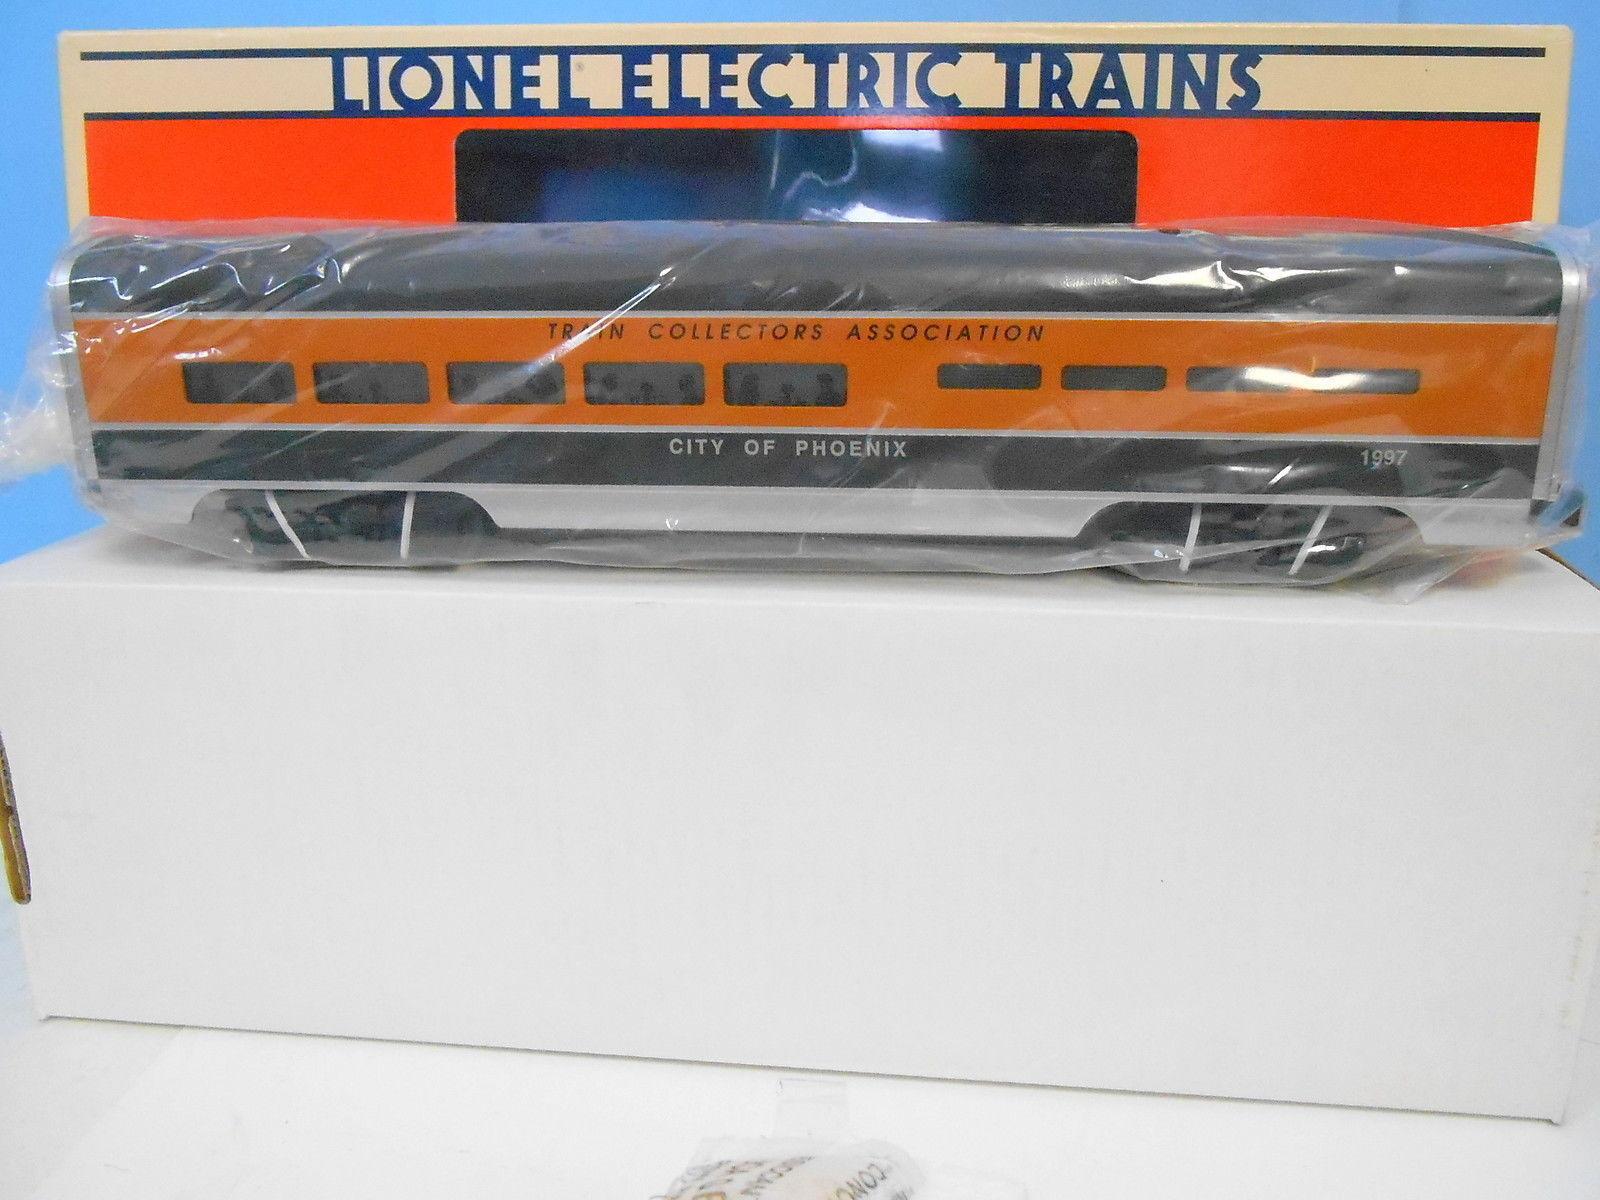 Lionel 6-52106 tca - o - stadt phoenix aluminium - speisewagen.